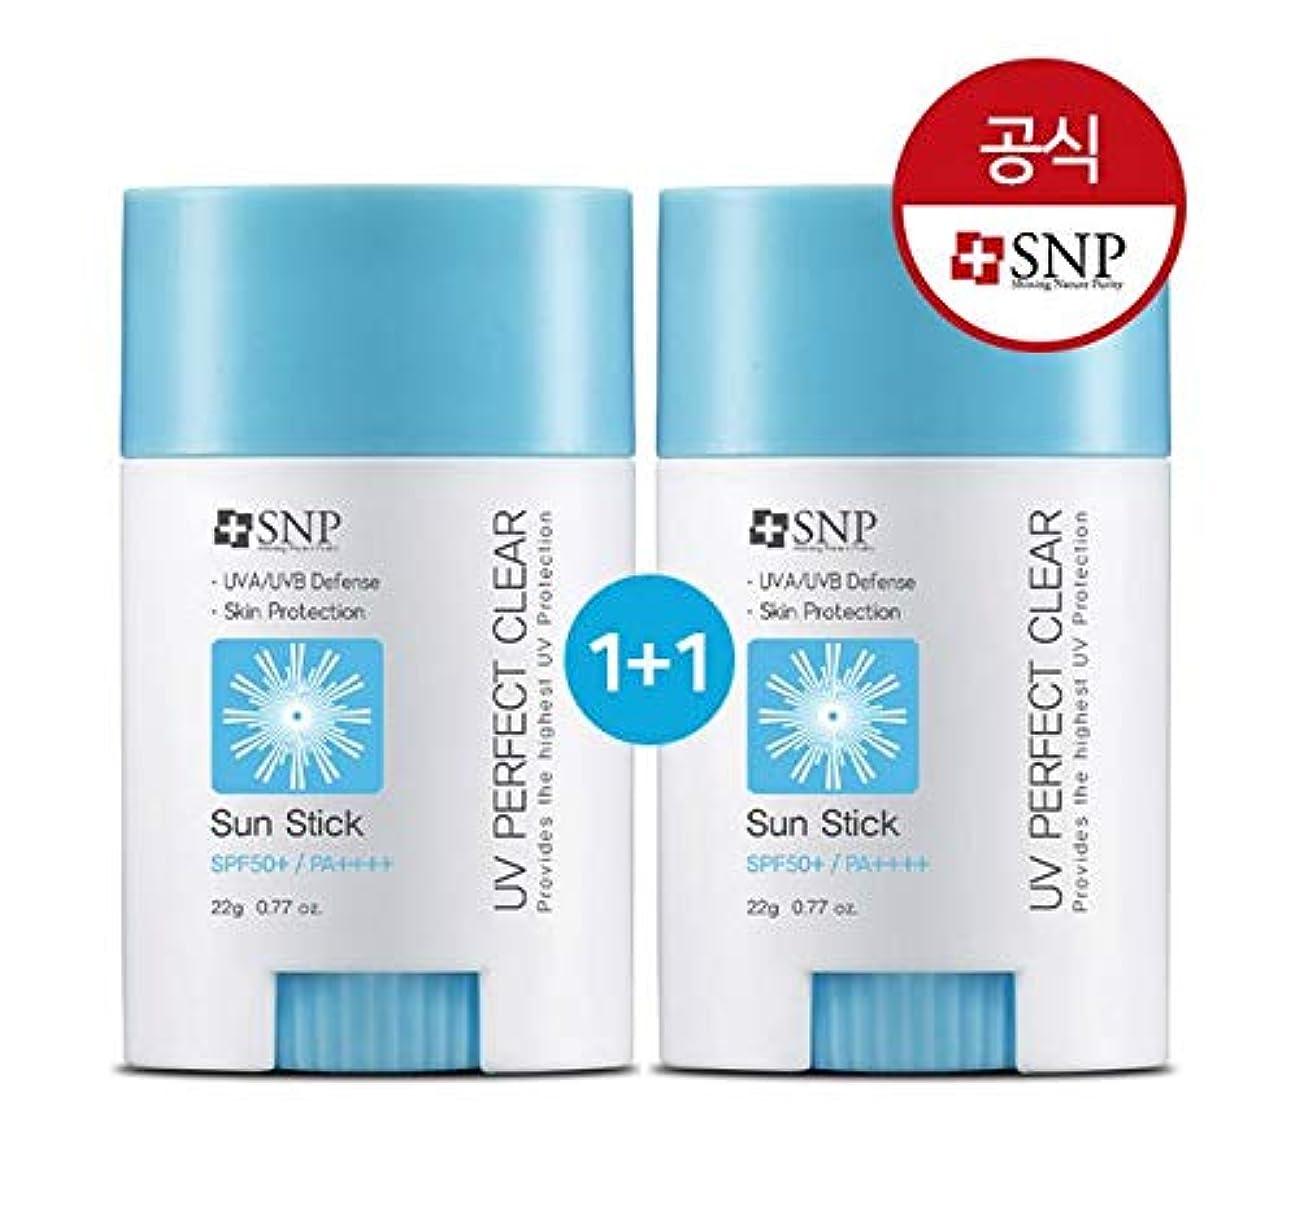 に渡って胃物理的に[ 1 + 1 ] エスエンピ(SNP) UV パーフェクト クリア 日焼け止めスティック22g (SPF50+ PA++++) / UV PERFECT CLEAR SUN STICK/韓国日焼け止め